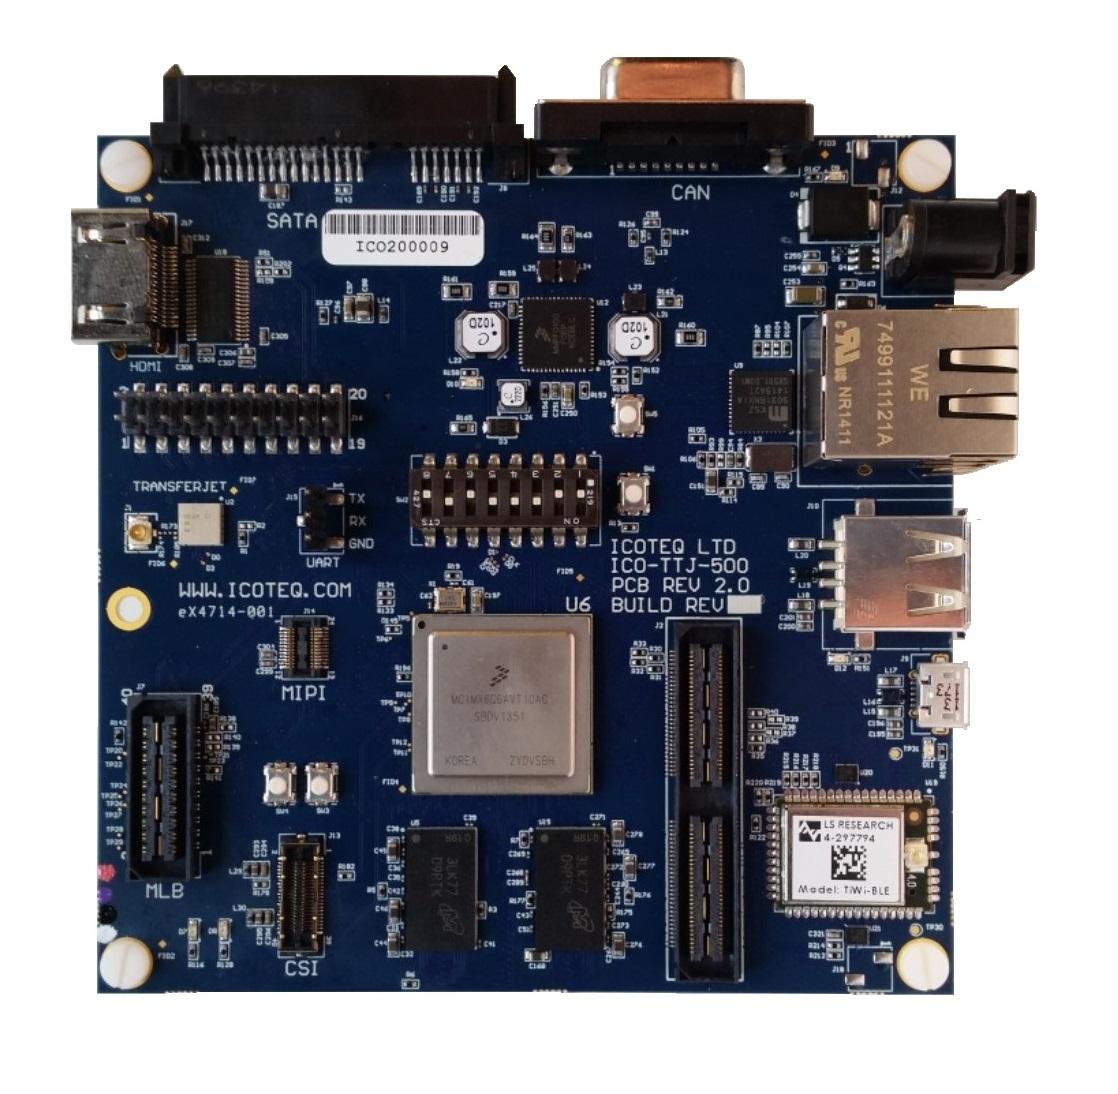 Board Image V2 TOP (640x629)